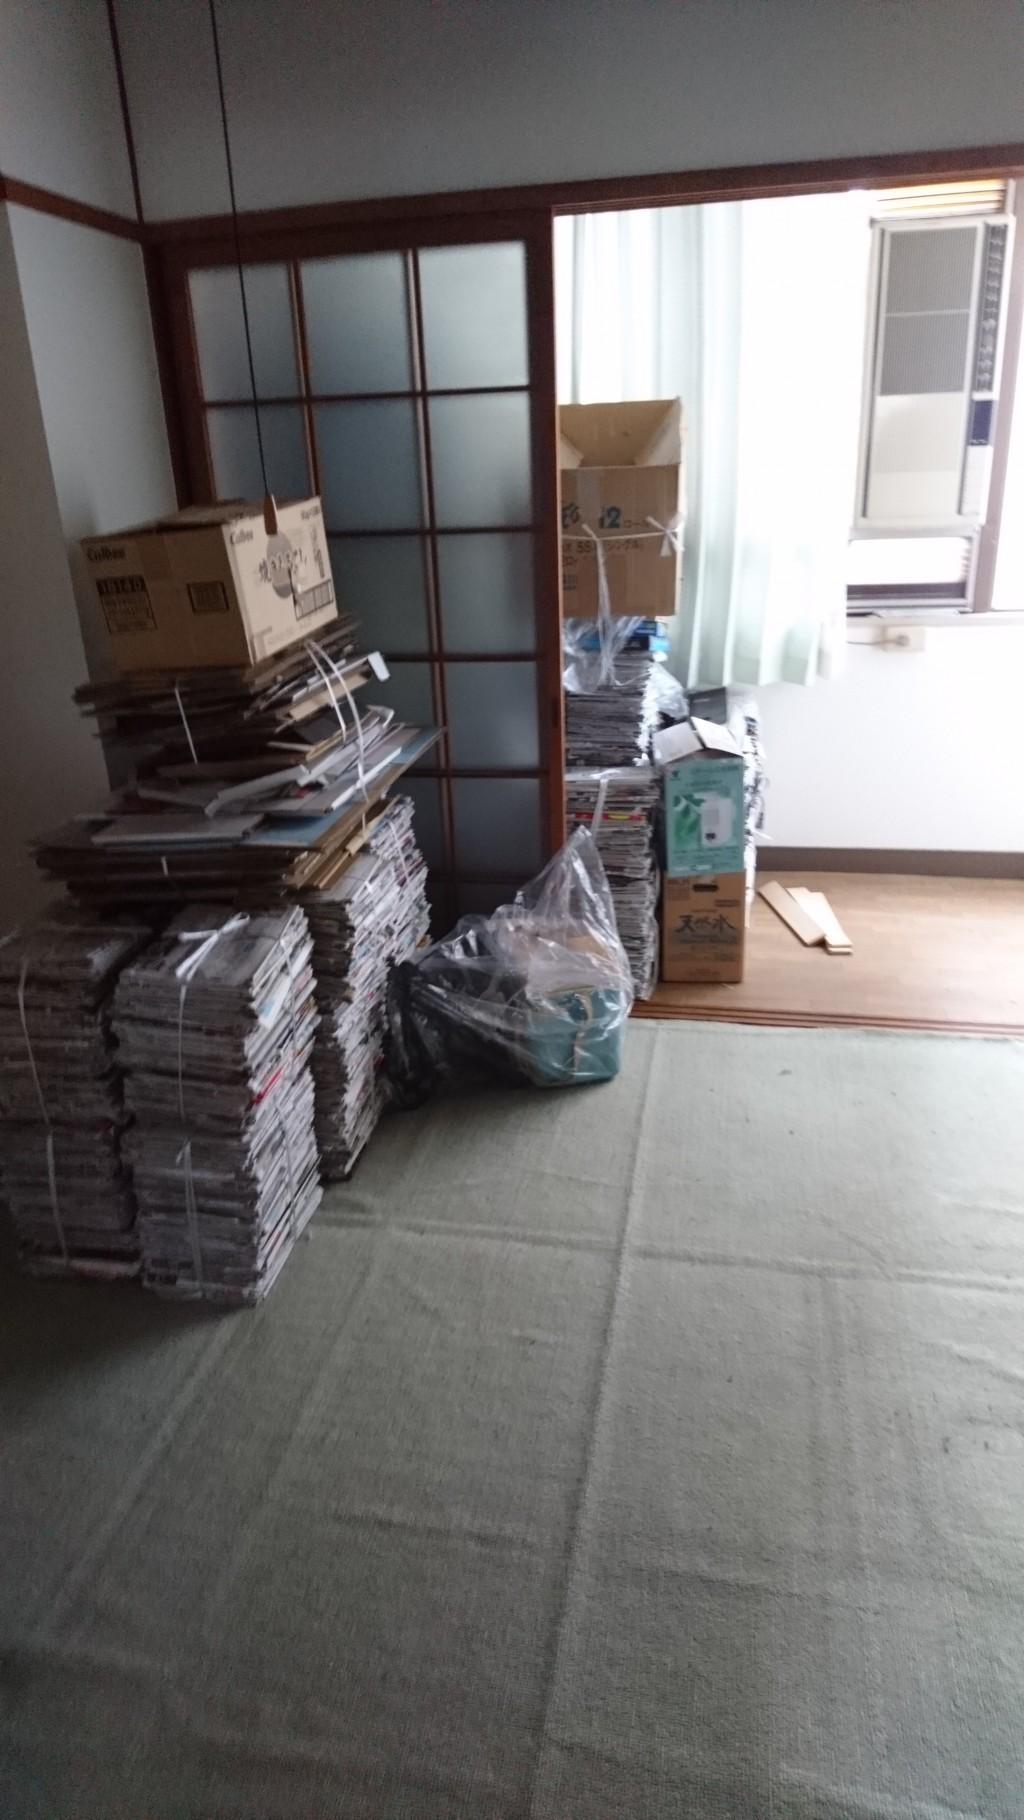 【松山市大手町】2tトラック程度の不用品の回収・処分 お客様の声